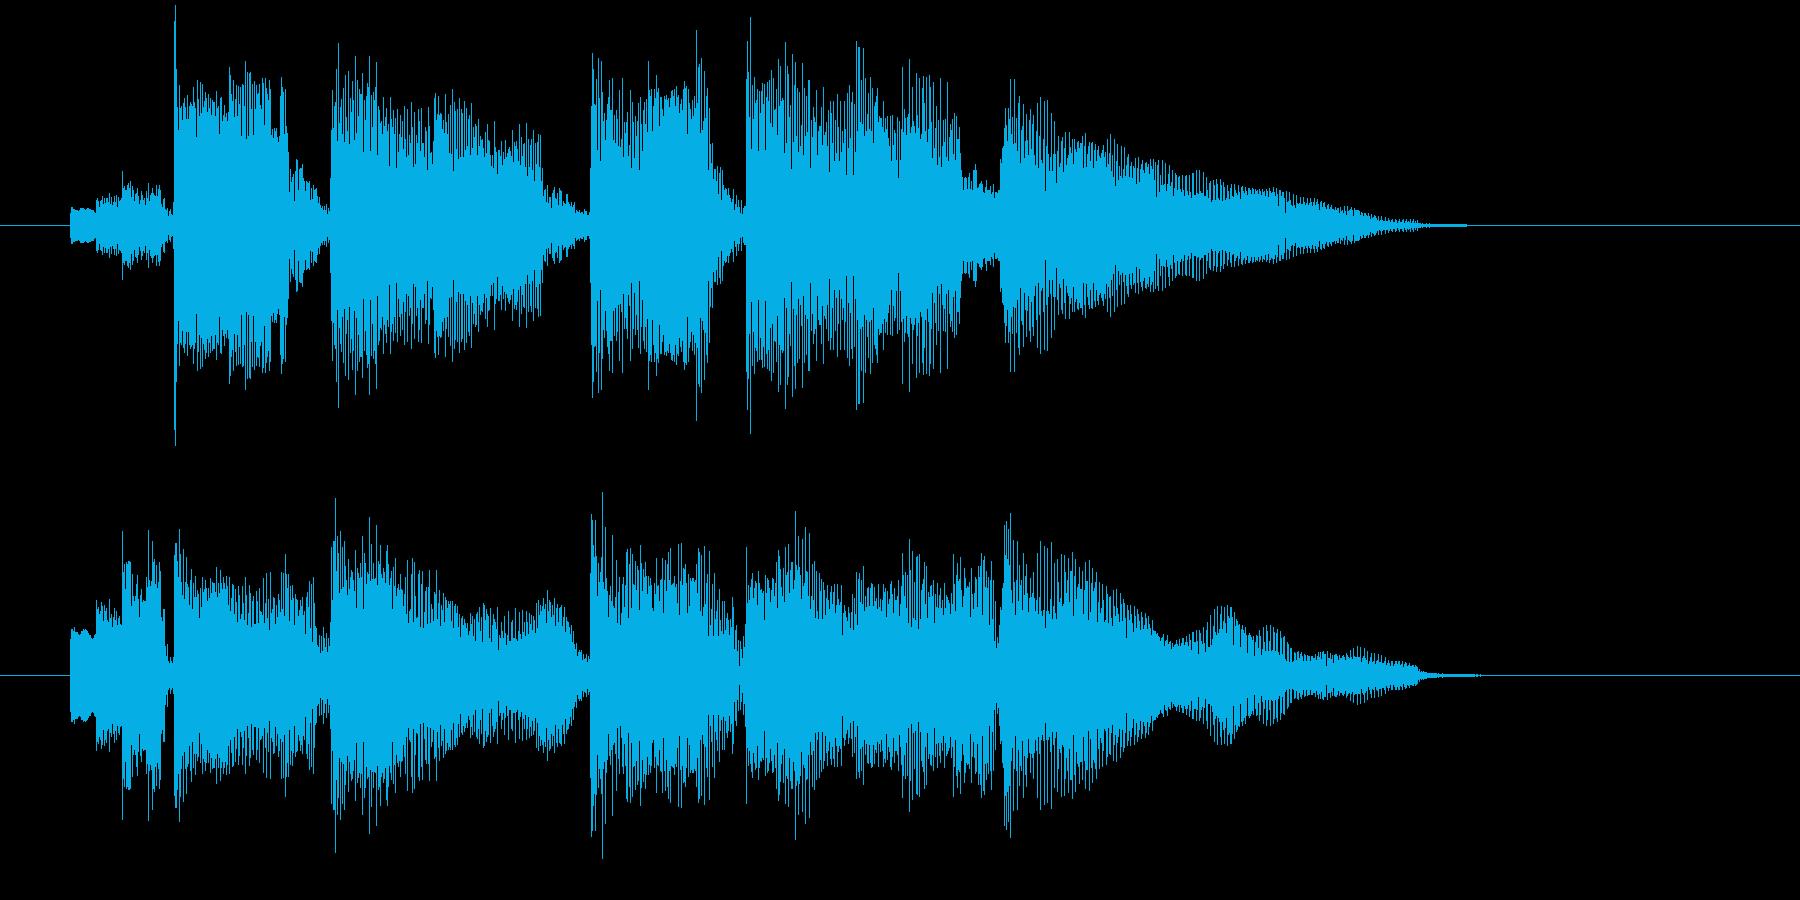 優しい音色のアコギとエレピのジングル曲の再生済みの波形